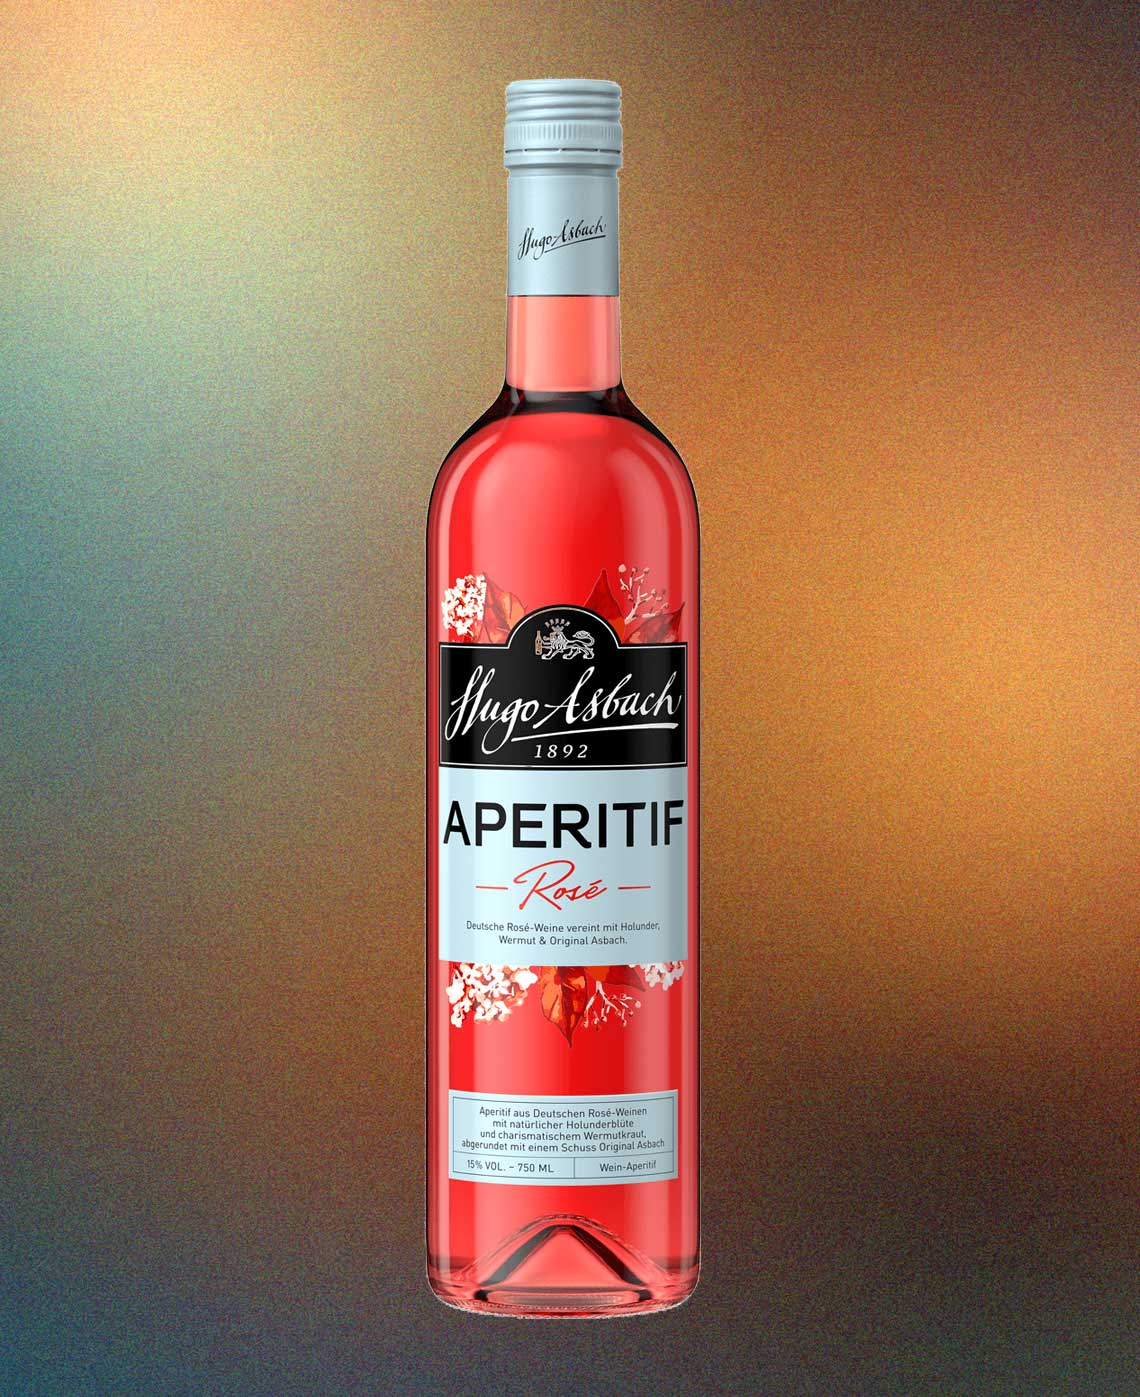 Asbach Aperitif Rosé